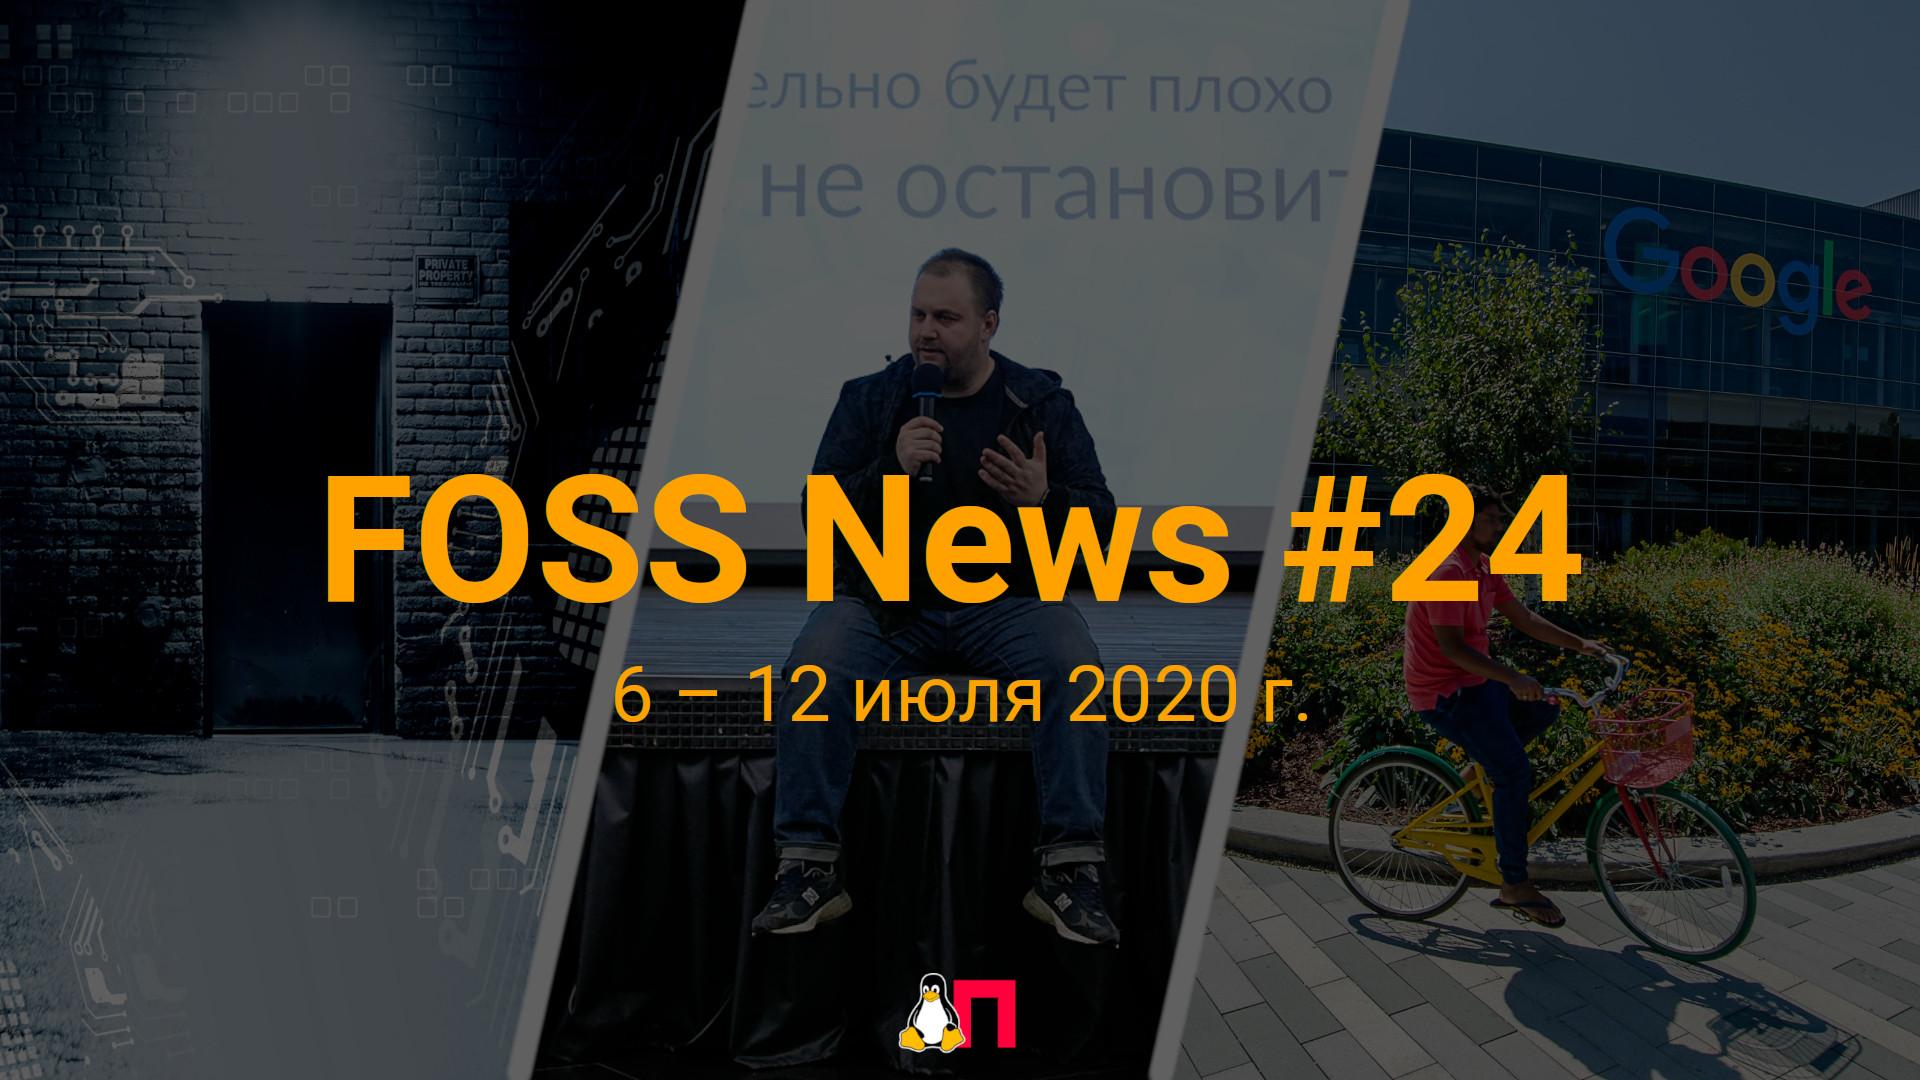 FOSS News №24 – обзор новостей свободного и открытого ПО за 6–12 июля 2020 года